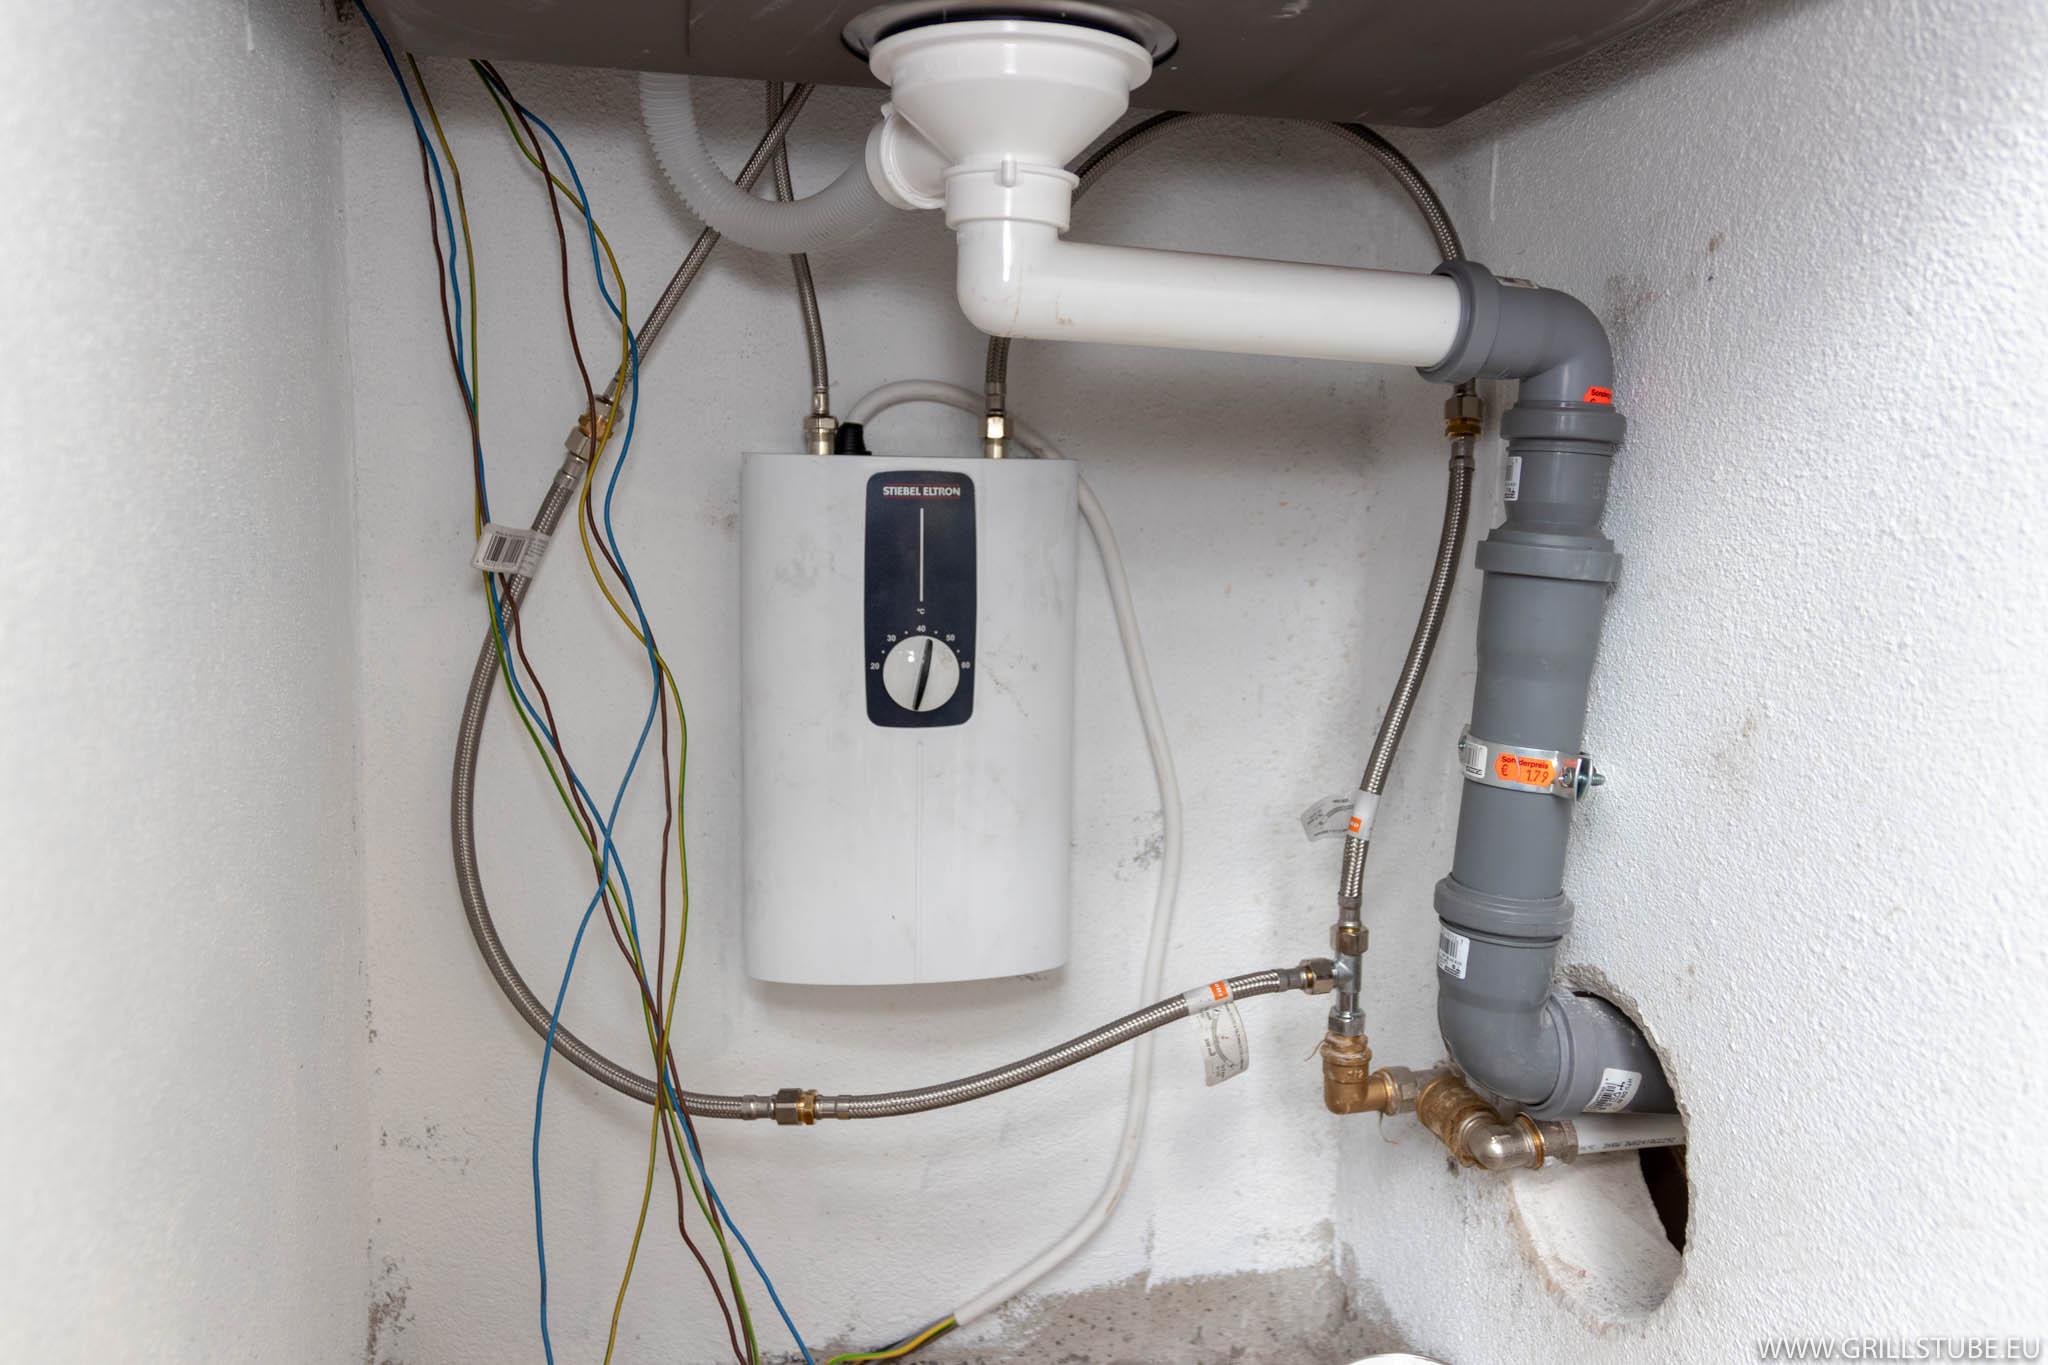 Outdoorküche: Wasserinstallation  Andys Grillstube 16.16